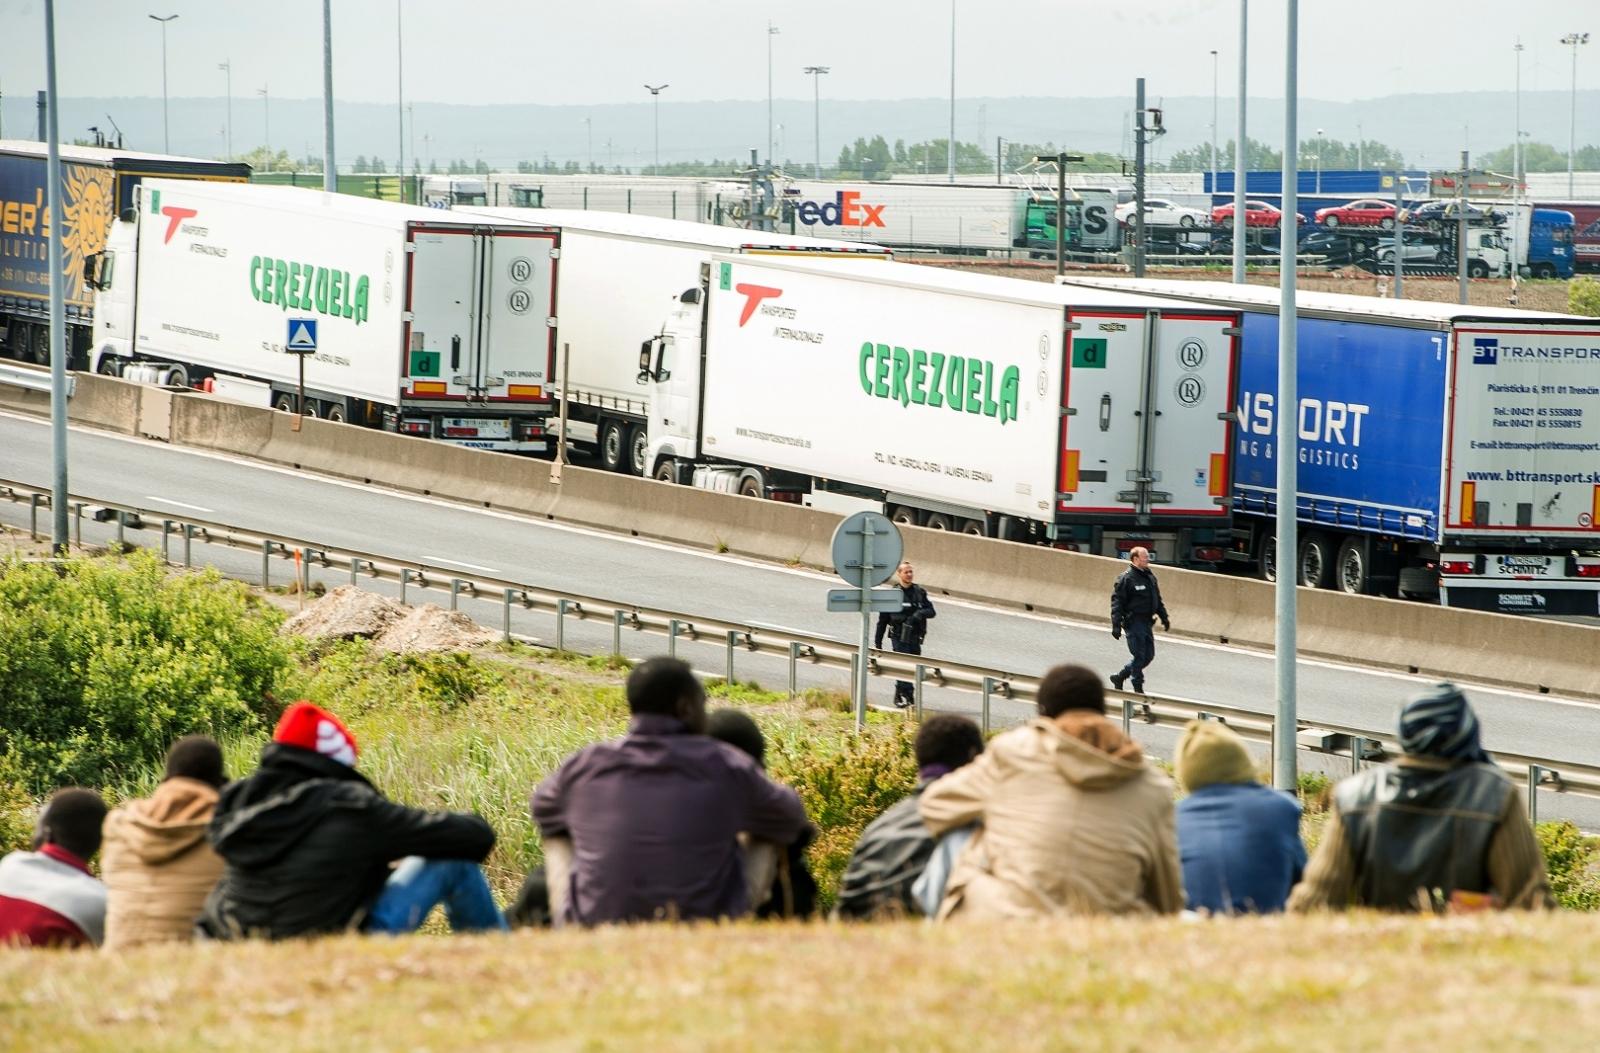 Calais migrant chaos